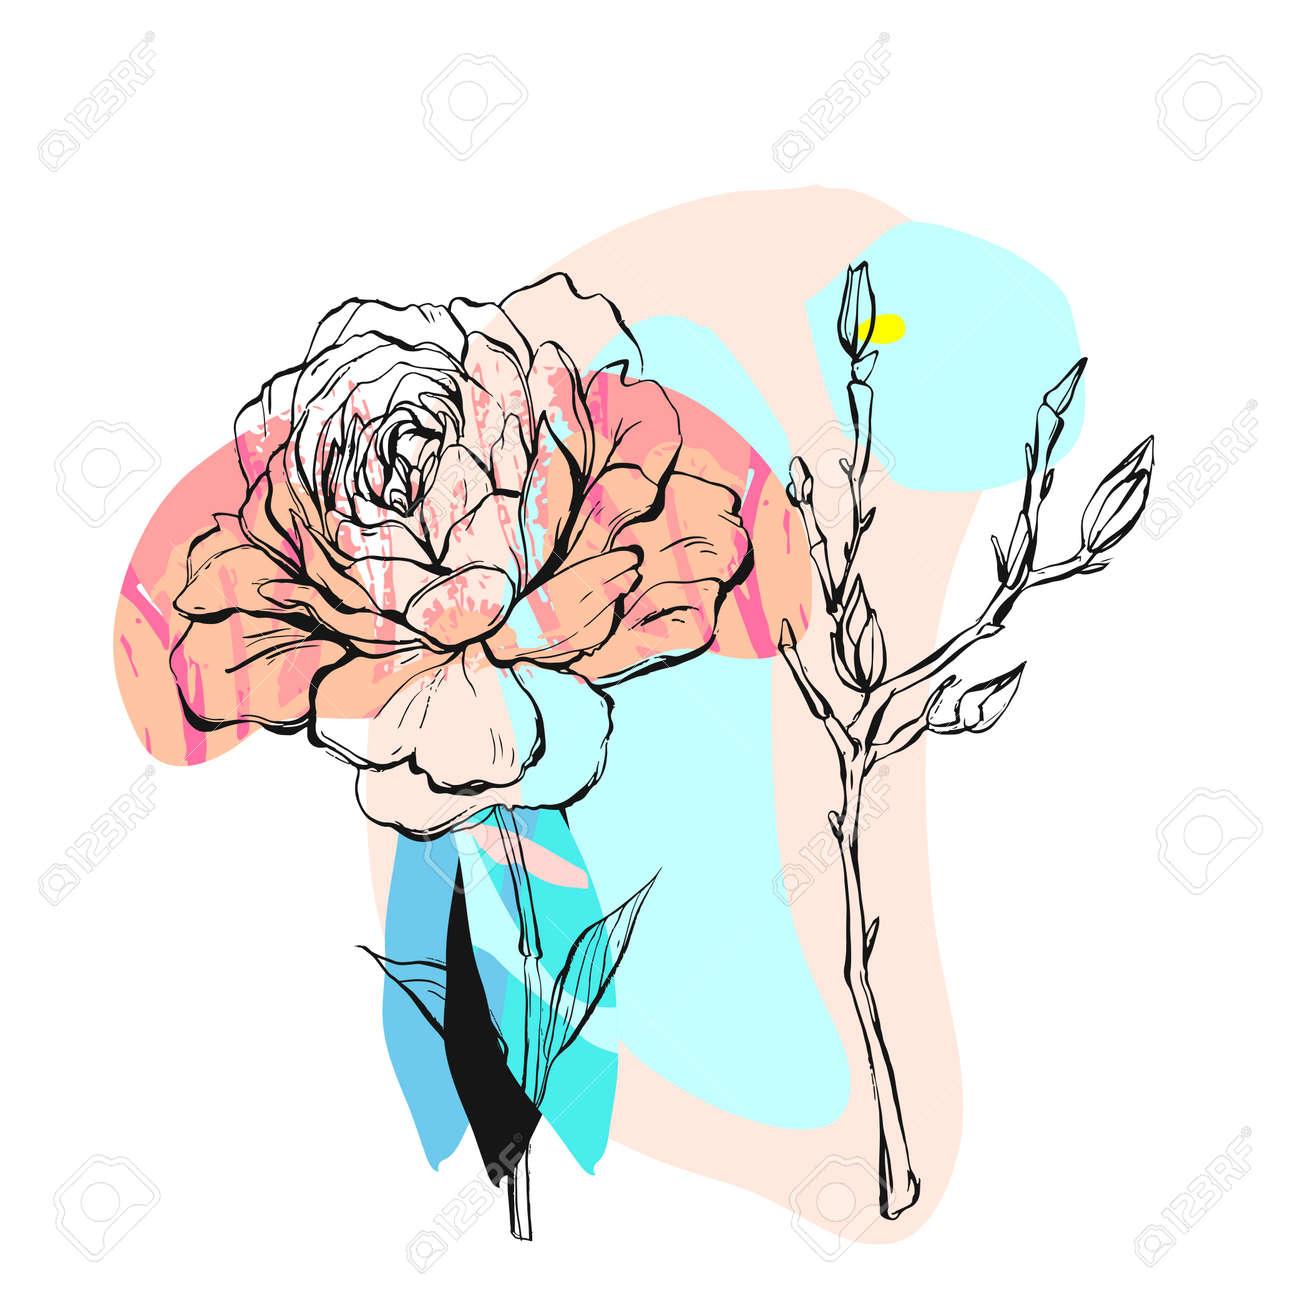 Dessinés à La Main Vecteur Abstraite Créative Abstraite Illustration Avec Des Fleurs De Pivoine Graphique Et Des Branches Dans Des Couleurs Pastel